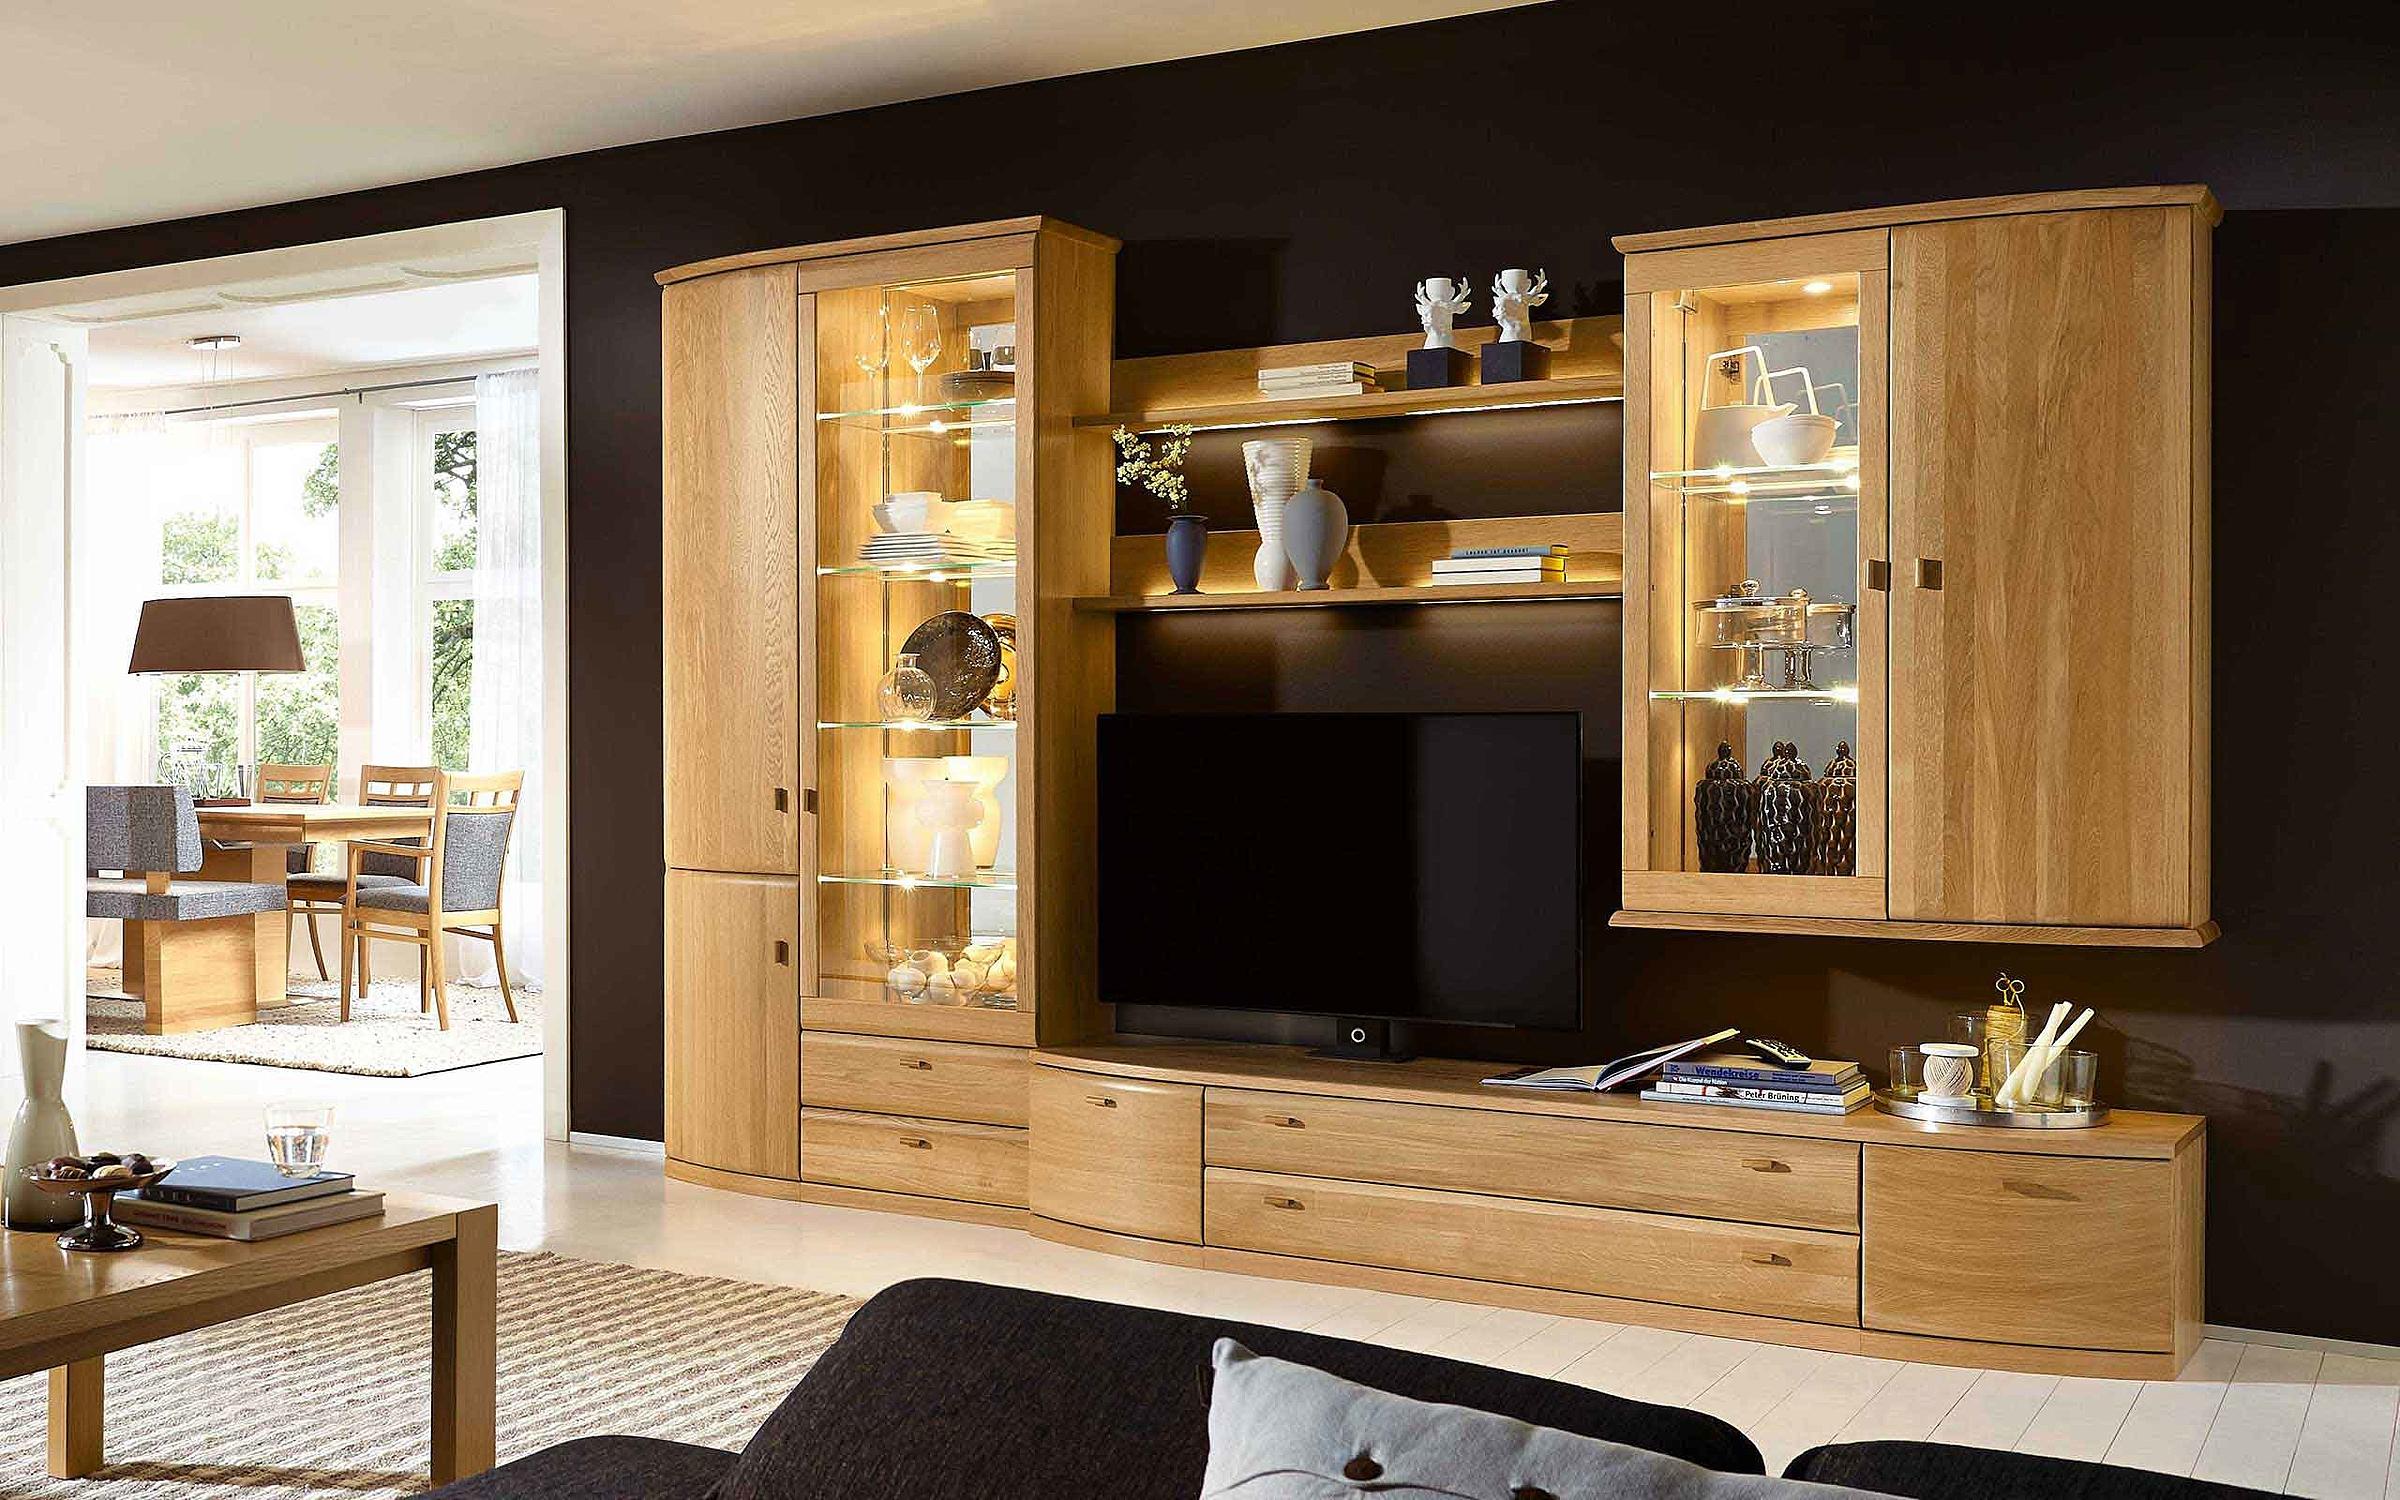 Vitrine Wohnwand Couchtisch Wohnzimmer Opus Holz Eiche sand massiv